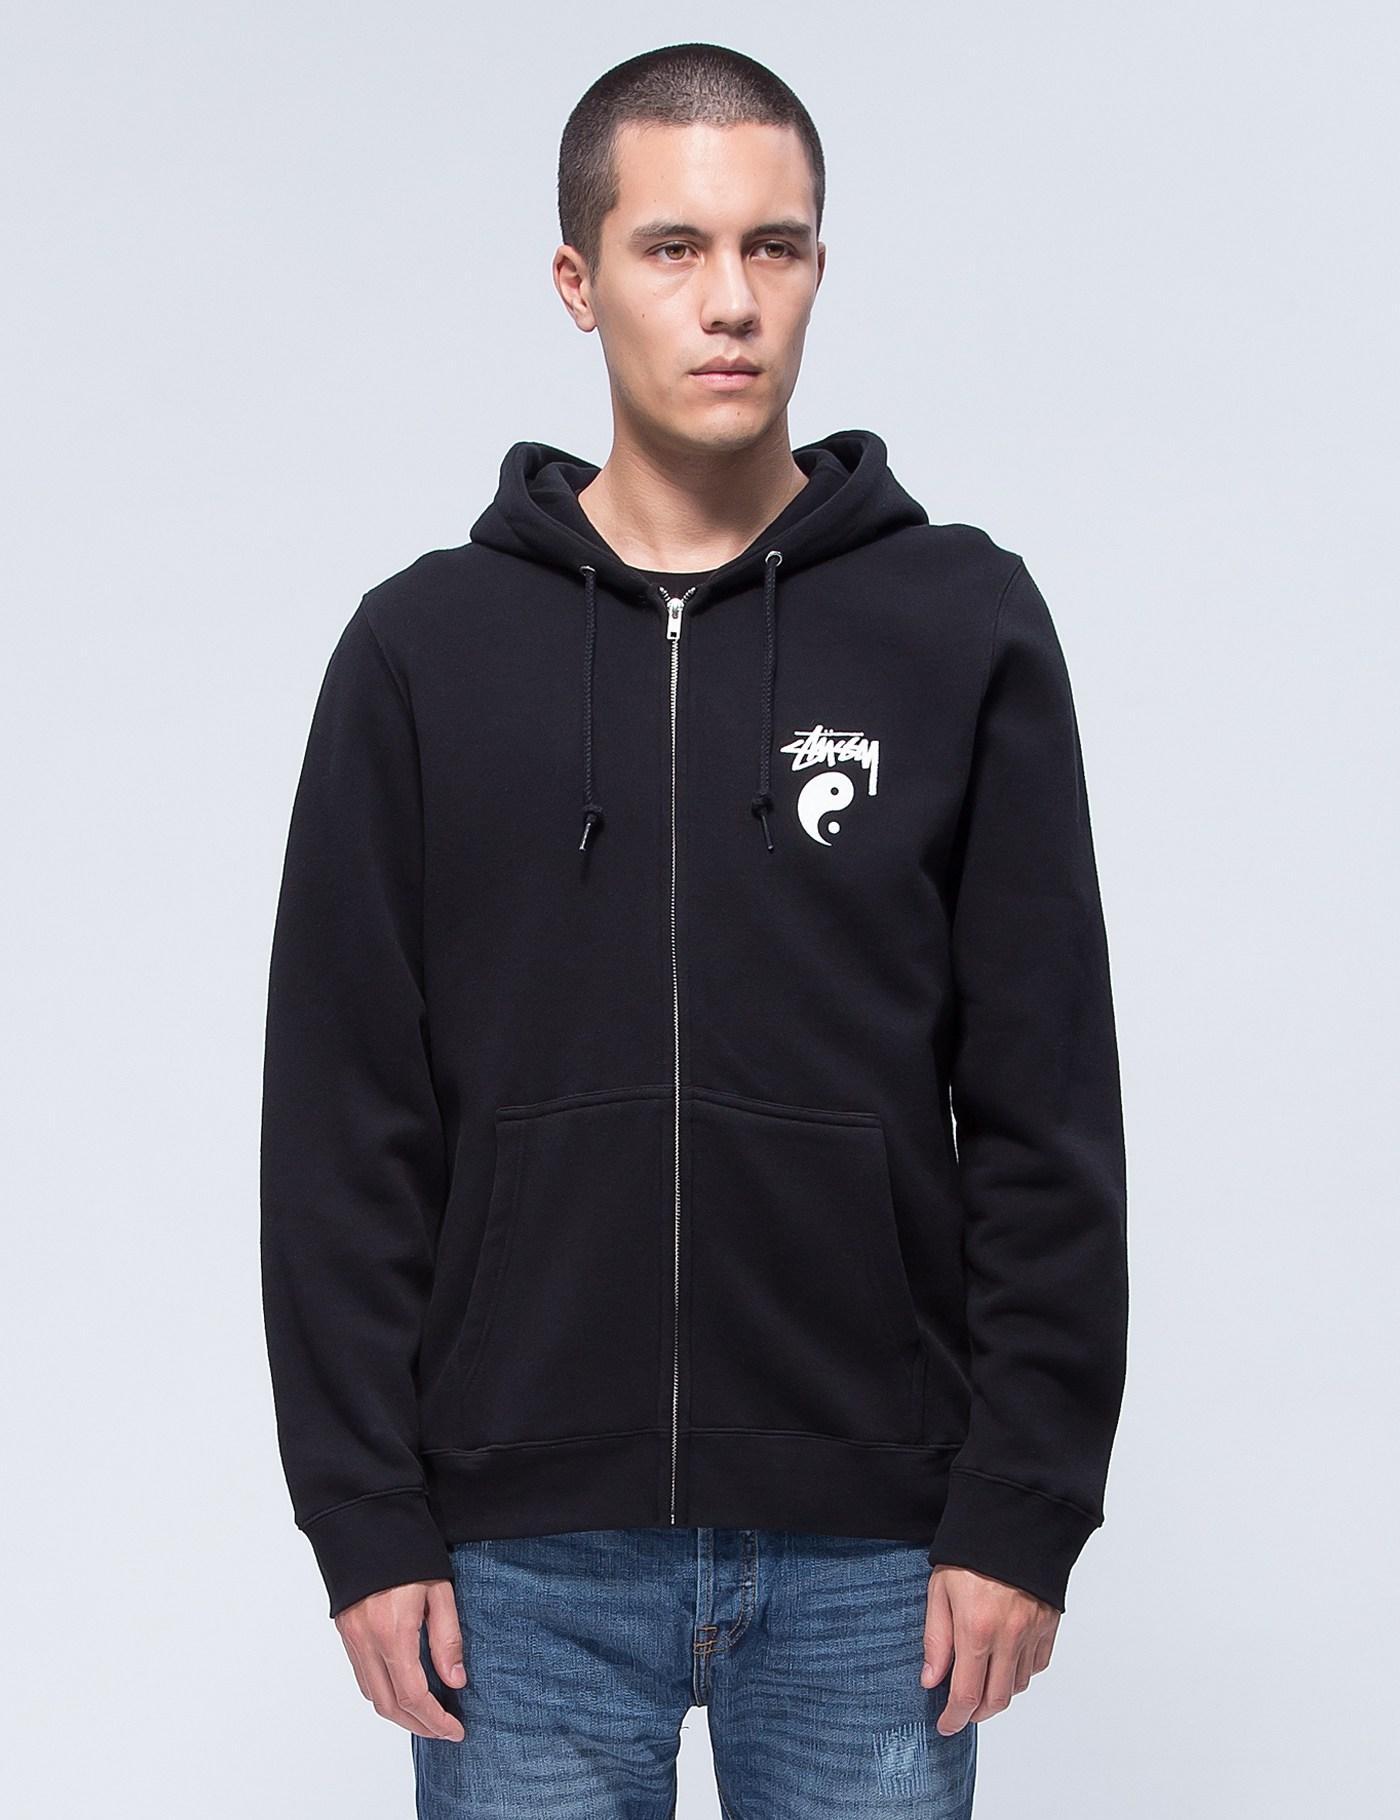 b31f34e12 fatface blue knitwear zip hoodie - Ecosia